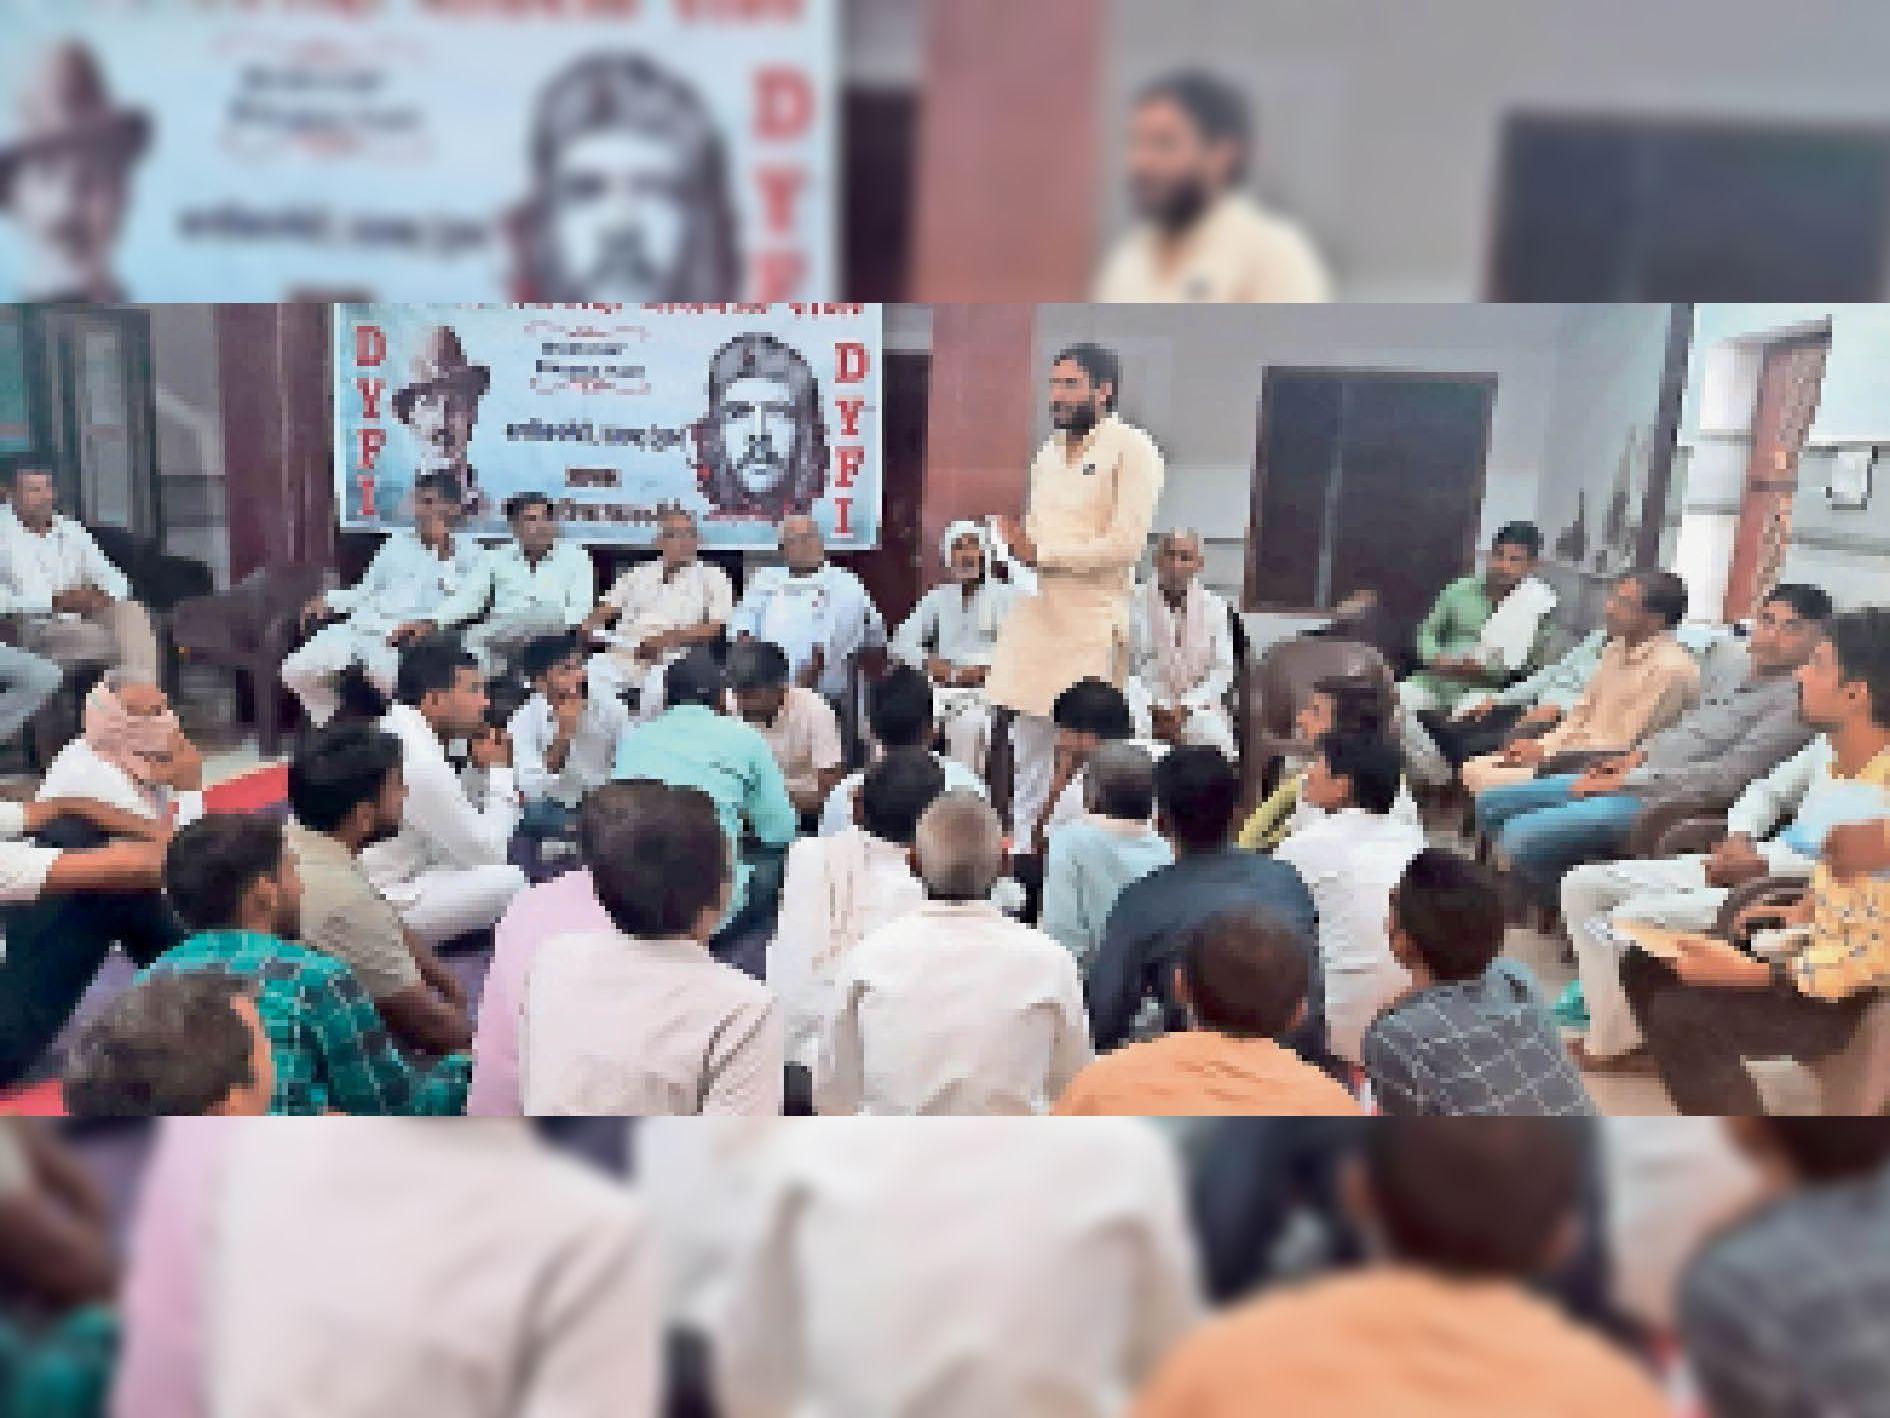 डीवाईएफआई के तहसील स्तरीय सम्मेलन में उपस्थित कार्यकर्ताओं को संबोधित करते काॅमरेड सुनील पूनिया। - Dainik Bhaskar